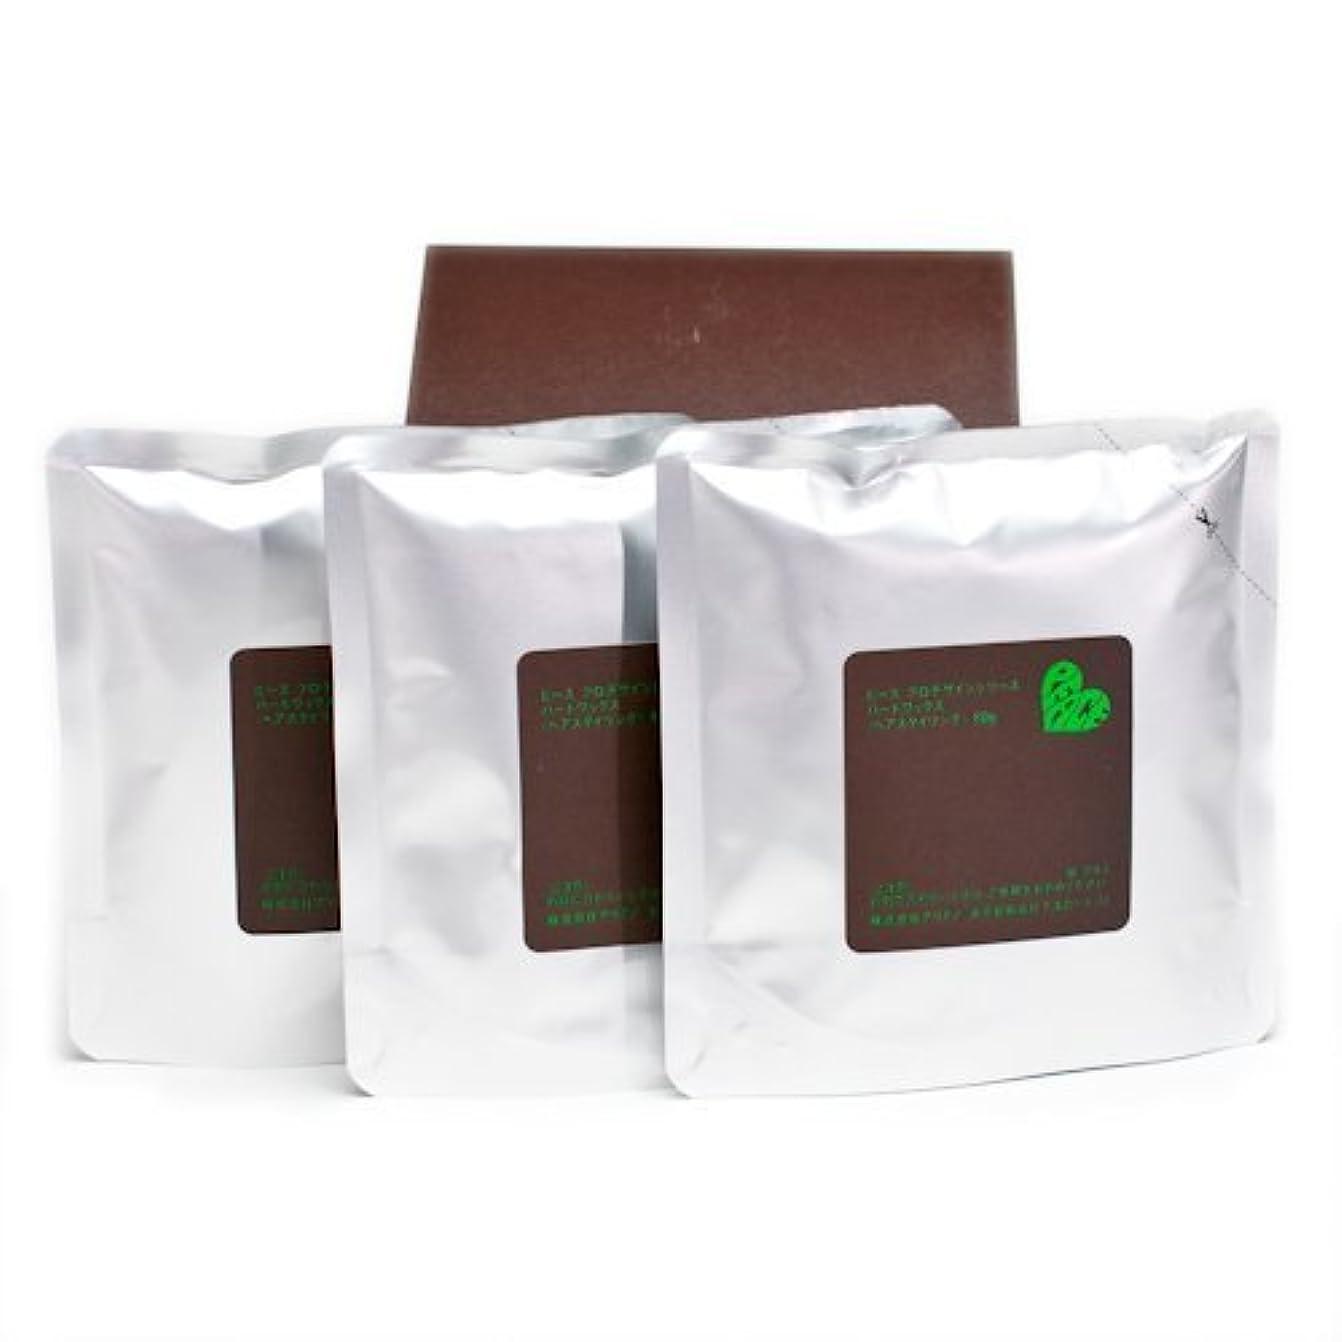 ファセット充電鋭くアリミノ ピース ハードワックス (チョコ) 80g(業務?詰替用)×3個入り